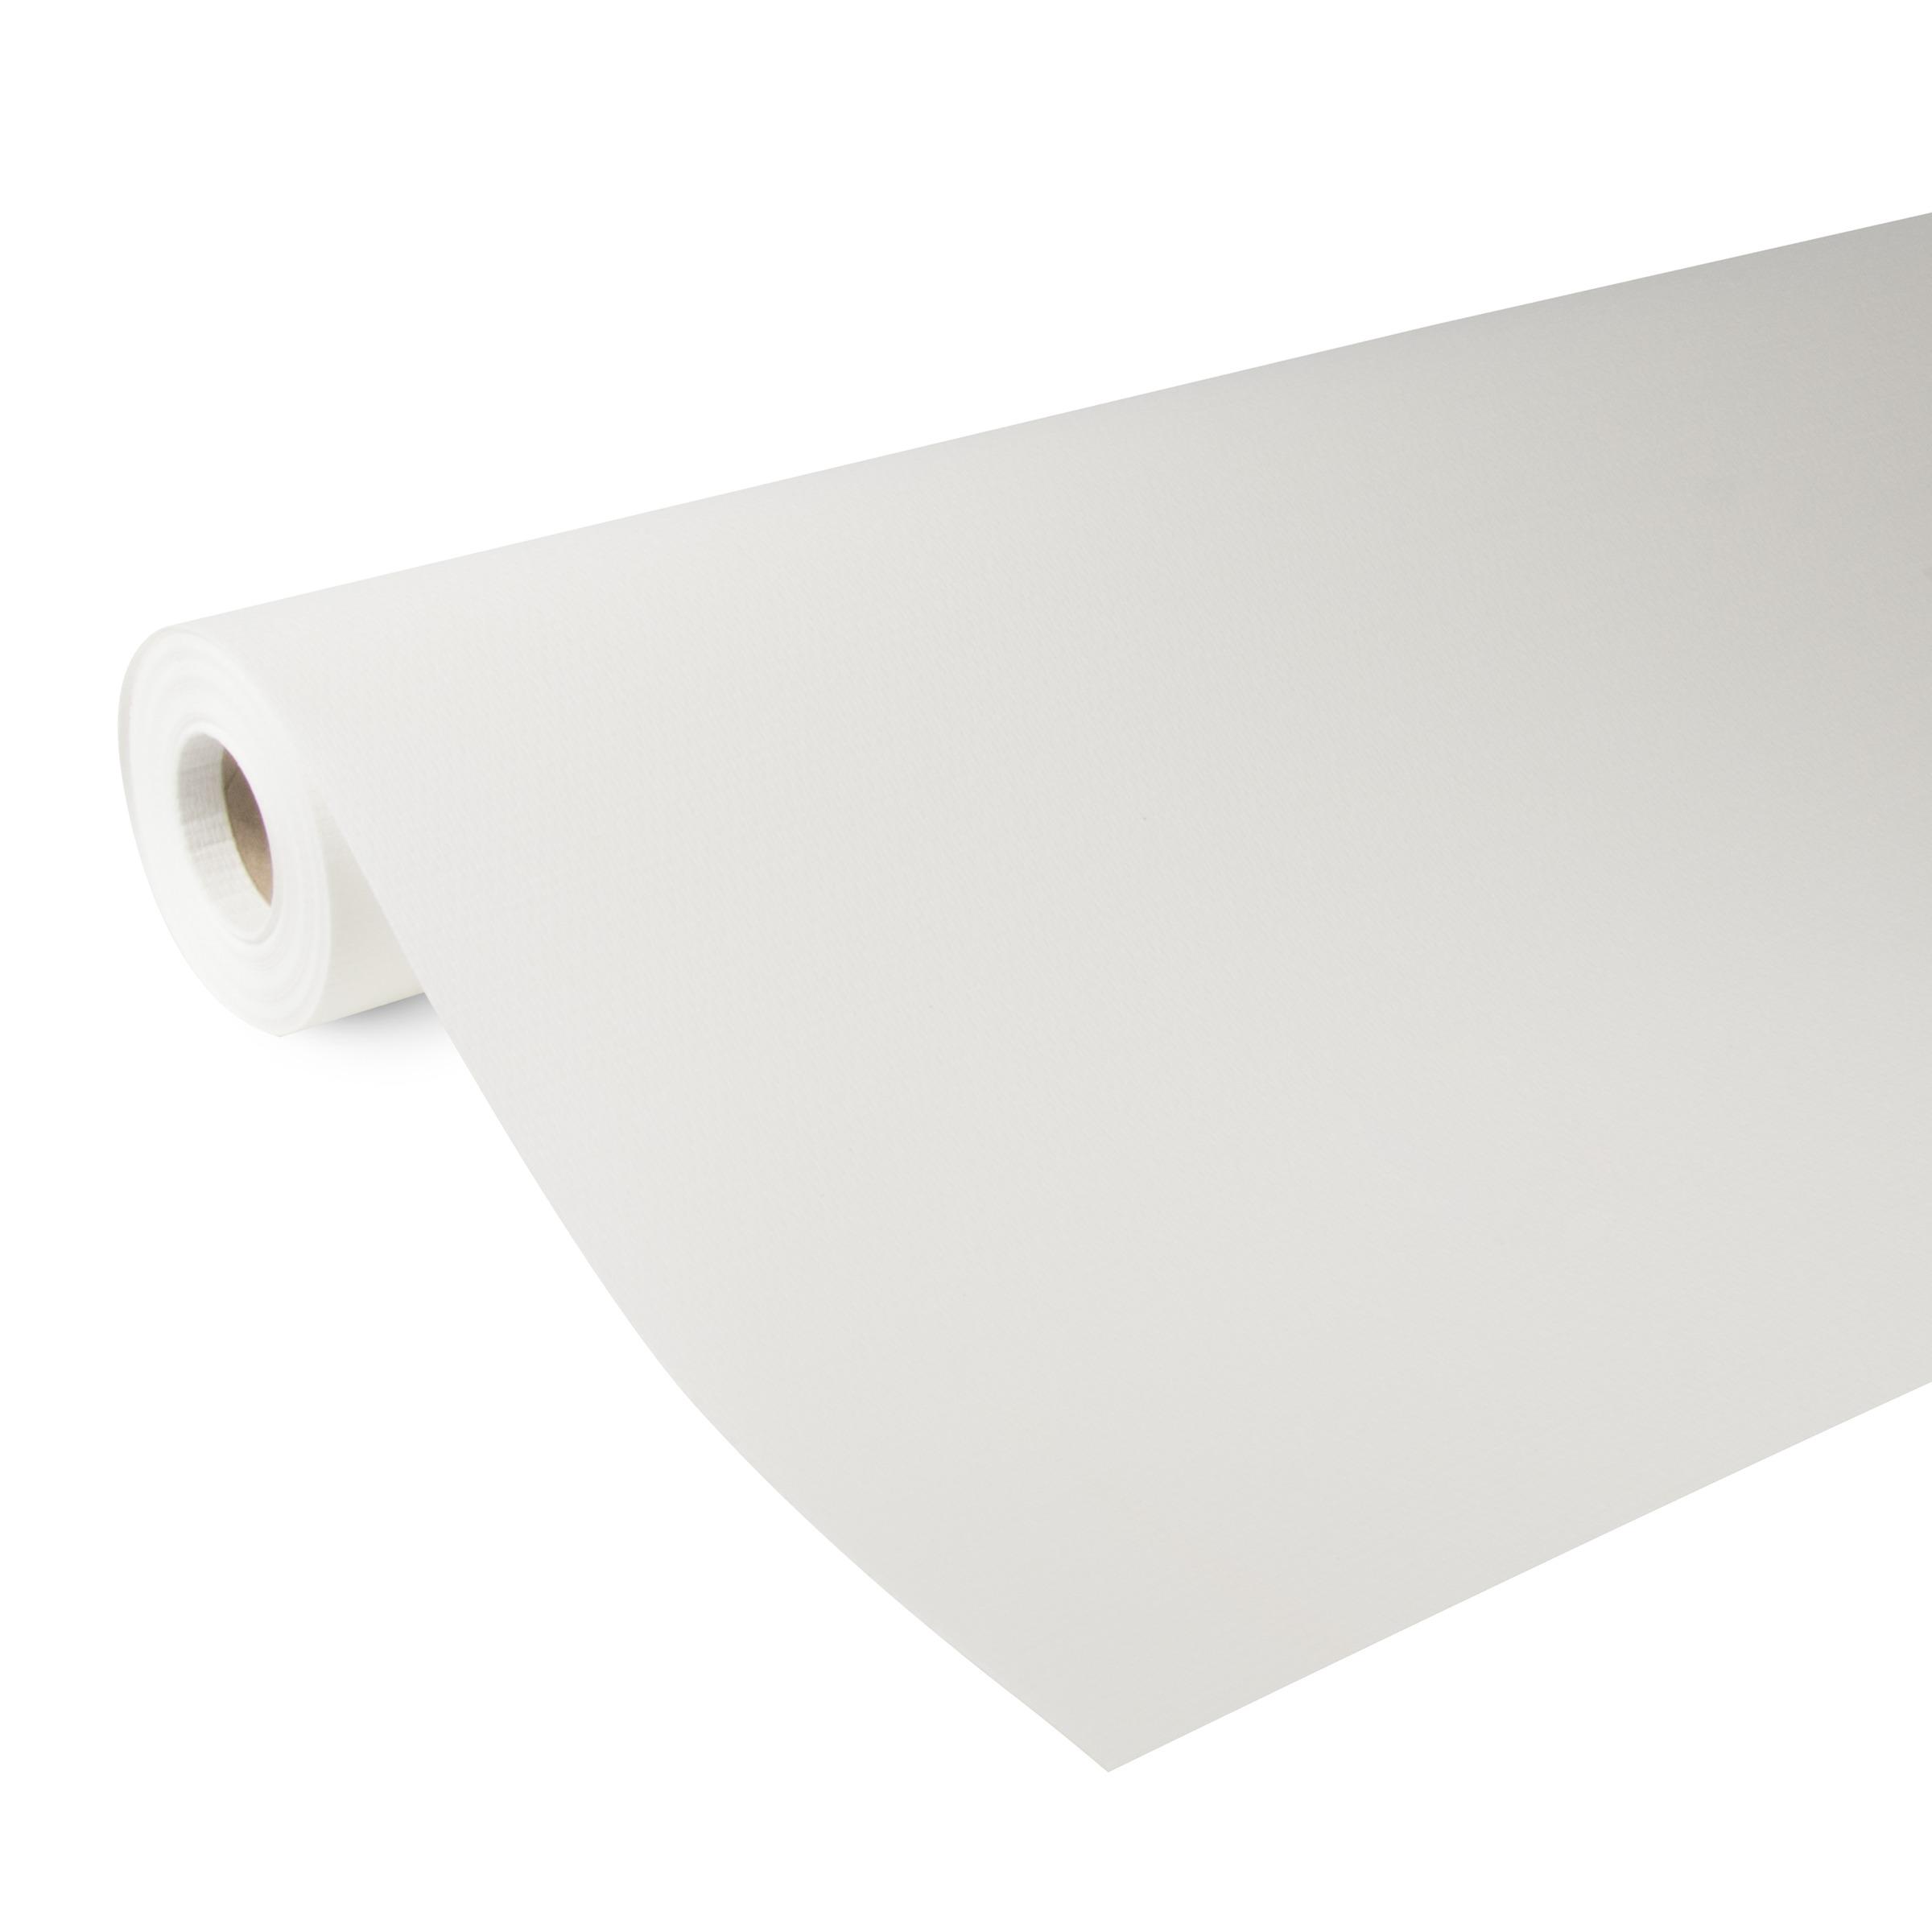 Glasweefselbehang fijne ruit kant en klaar wit 25 meter (dessin GWK103-25)